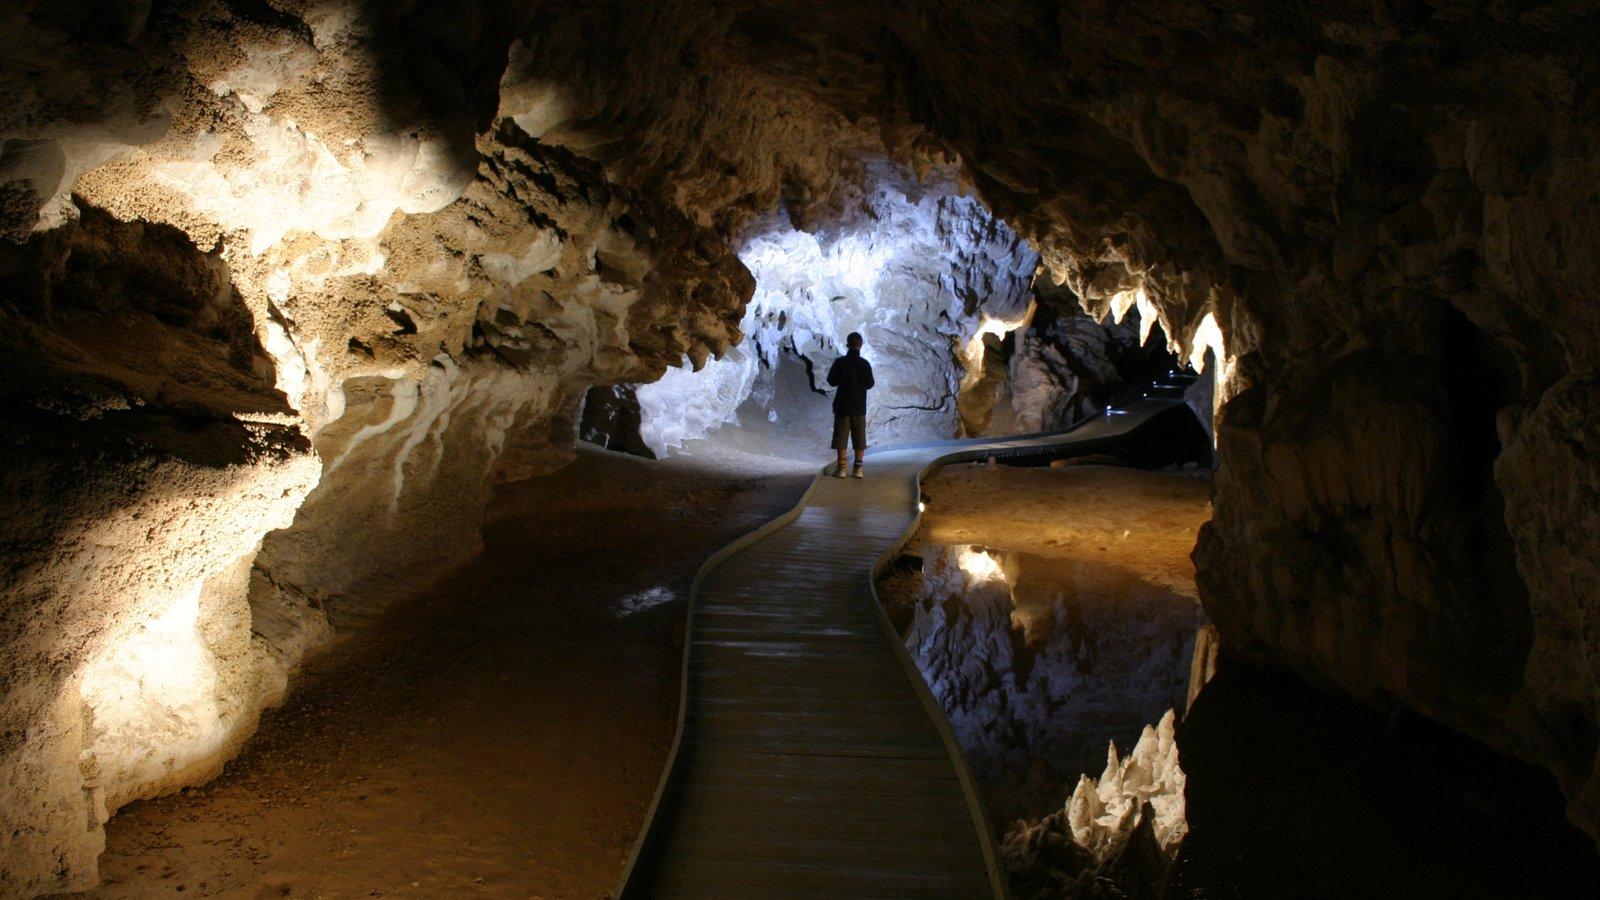 Cavernas de Waitomo caracterizando cavernas e vistas internas assim como um homem sozinho